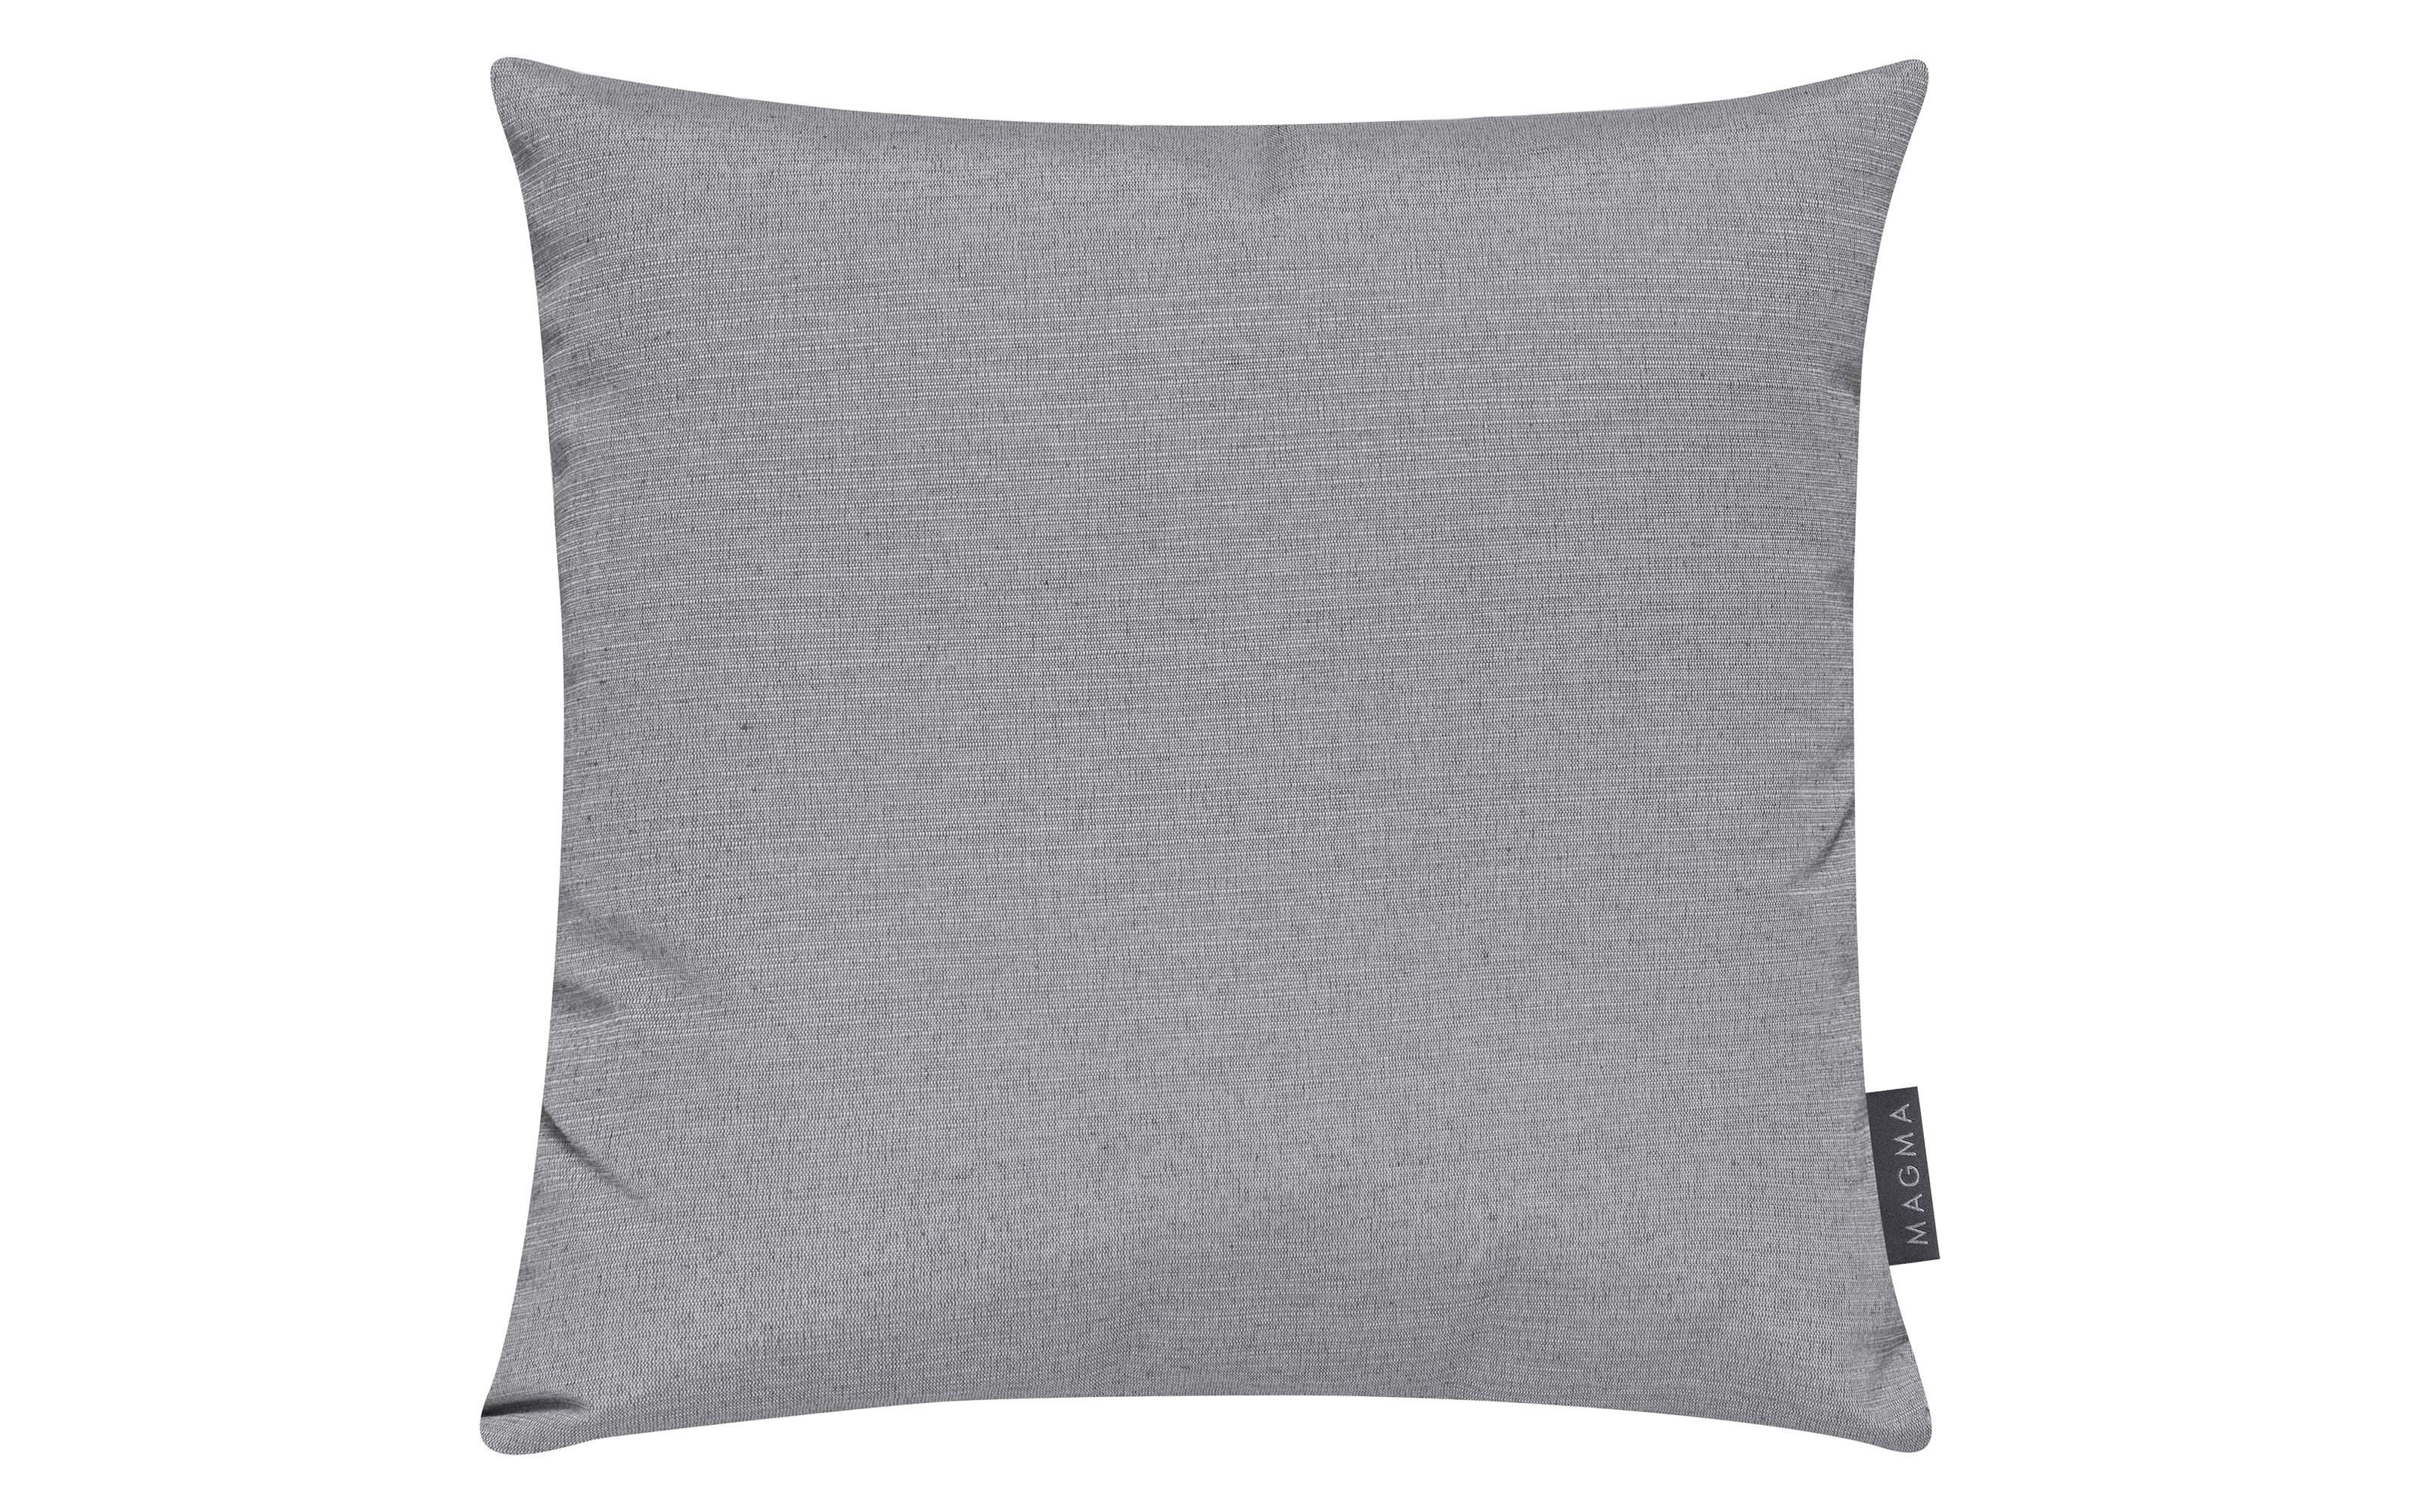 Kissenhülle Fino in grau, 40 x 40 cm